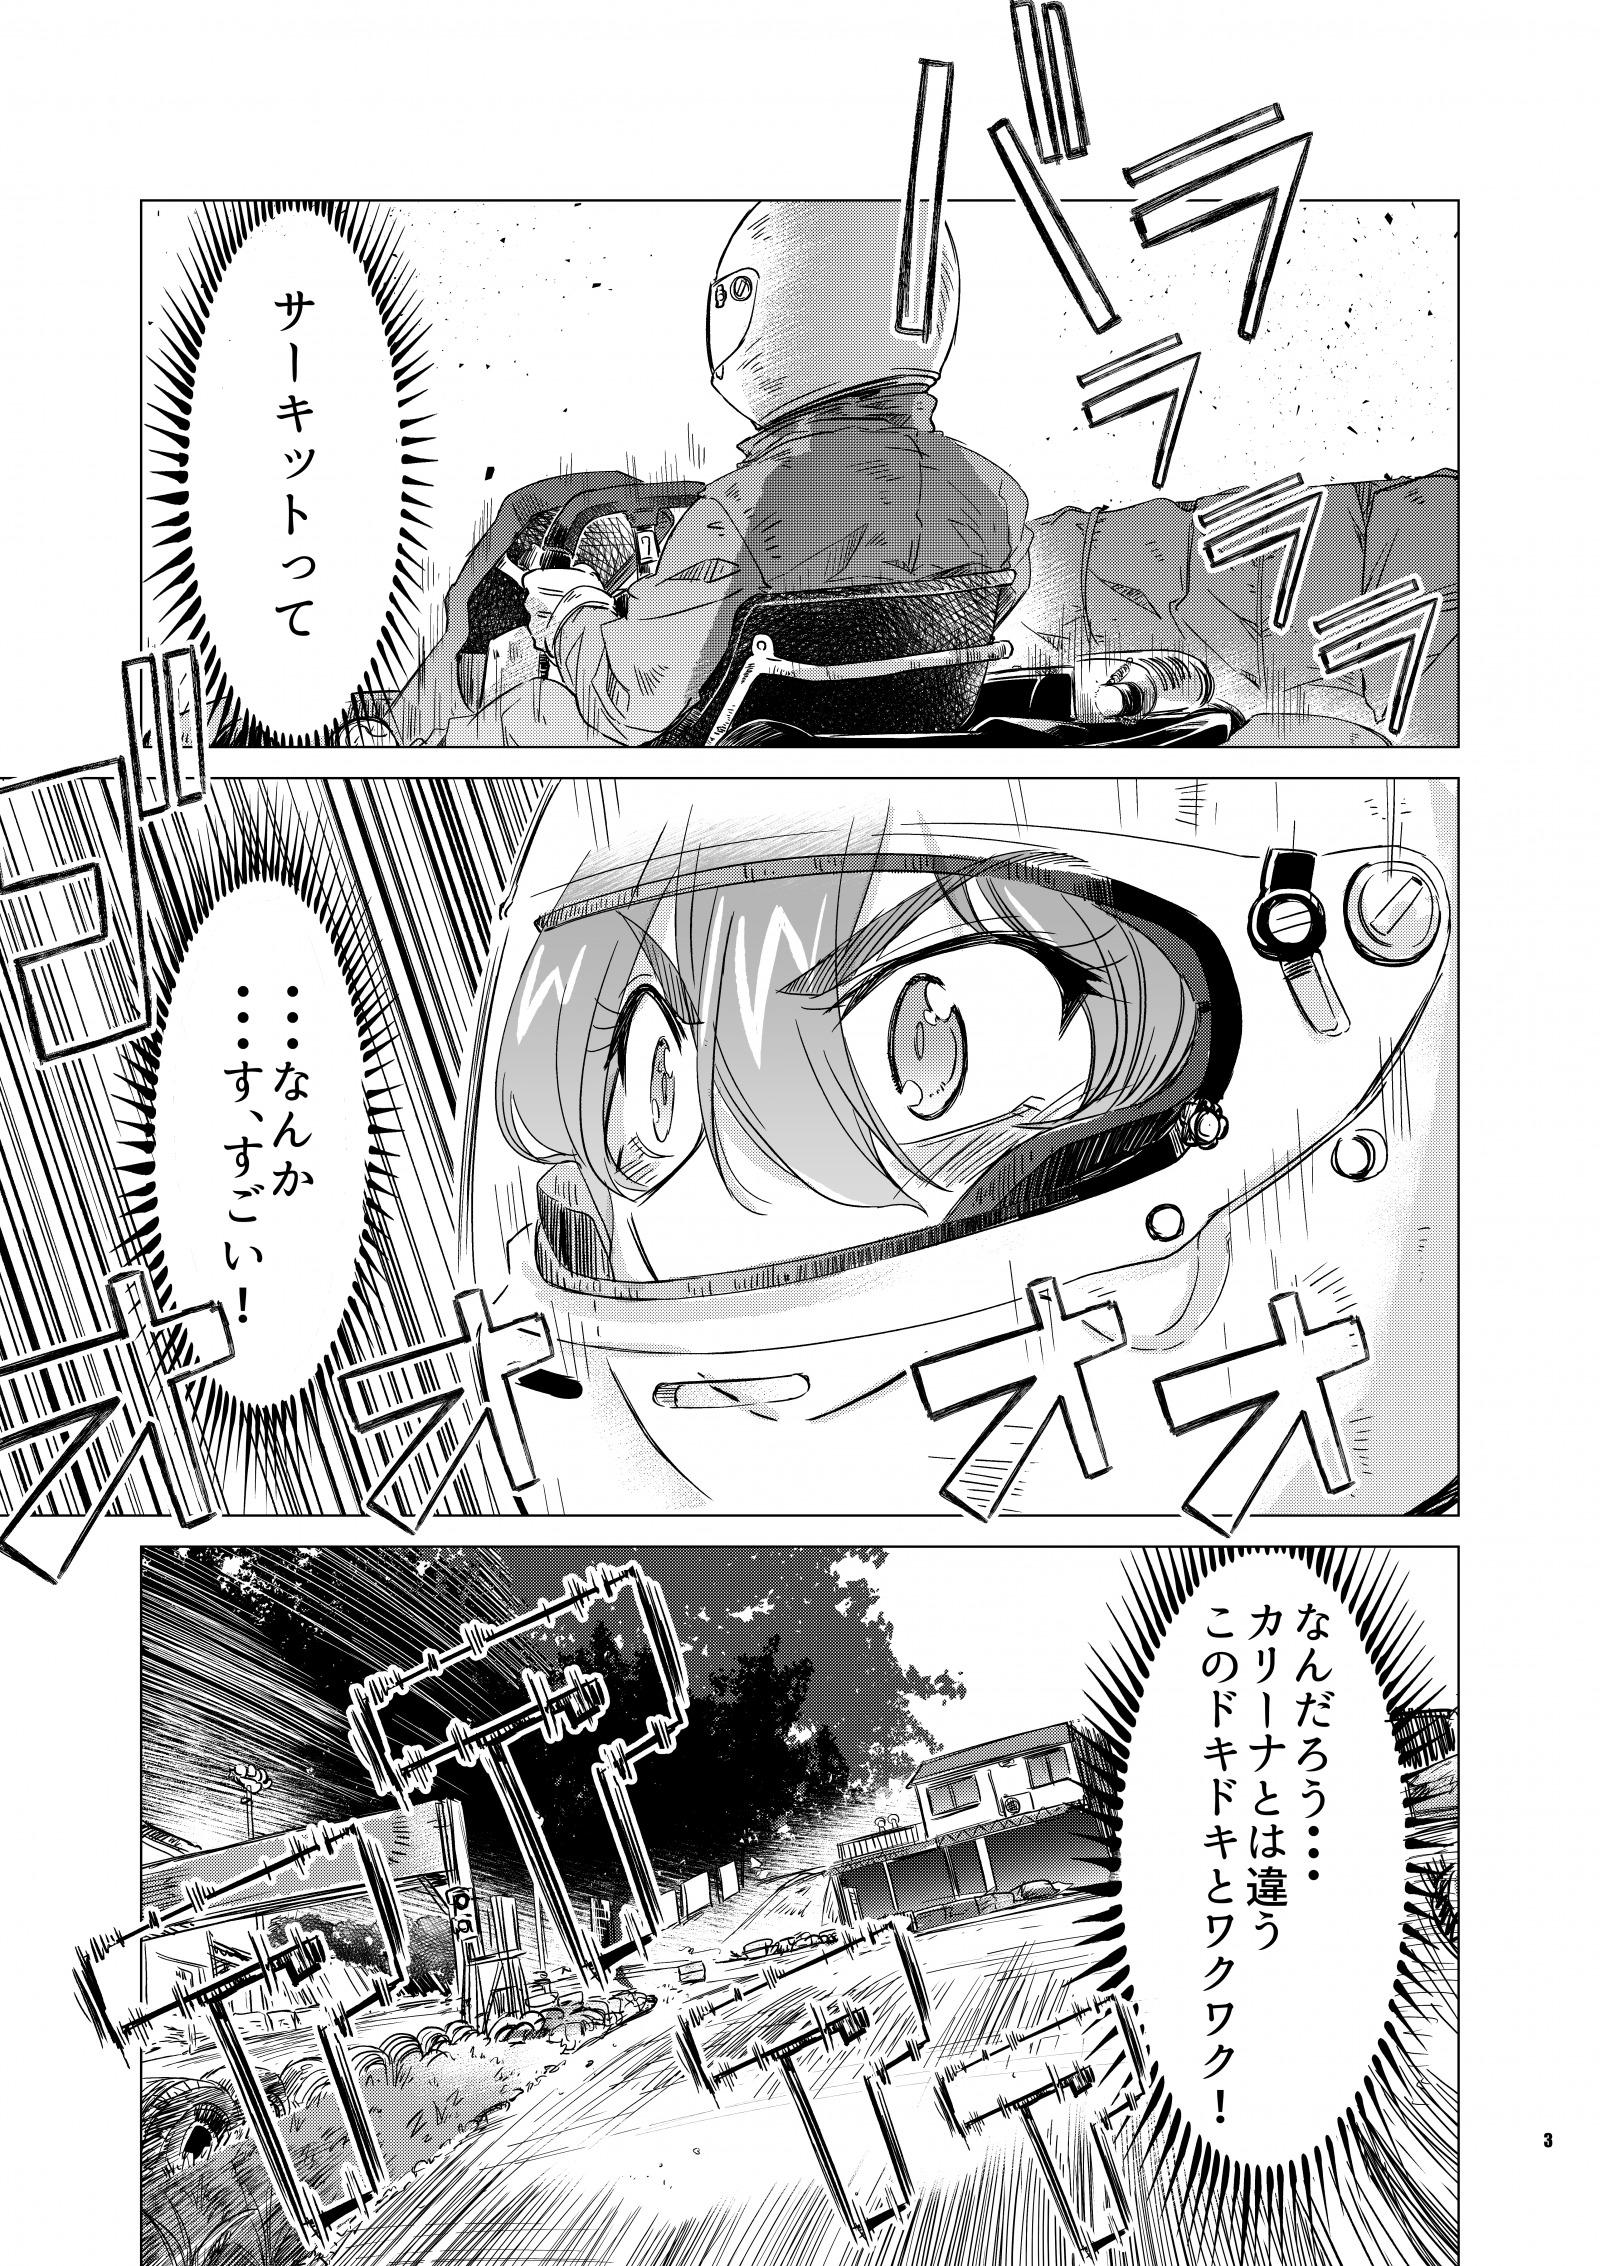 Naname! vol004_003